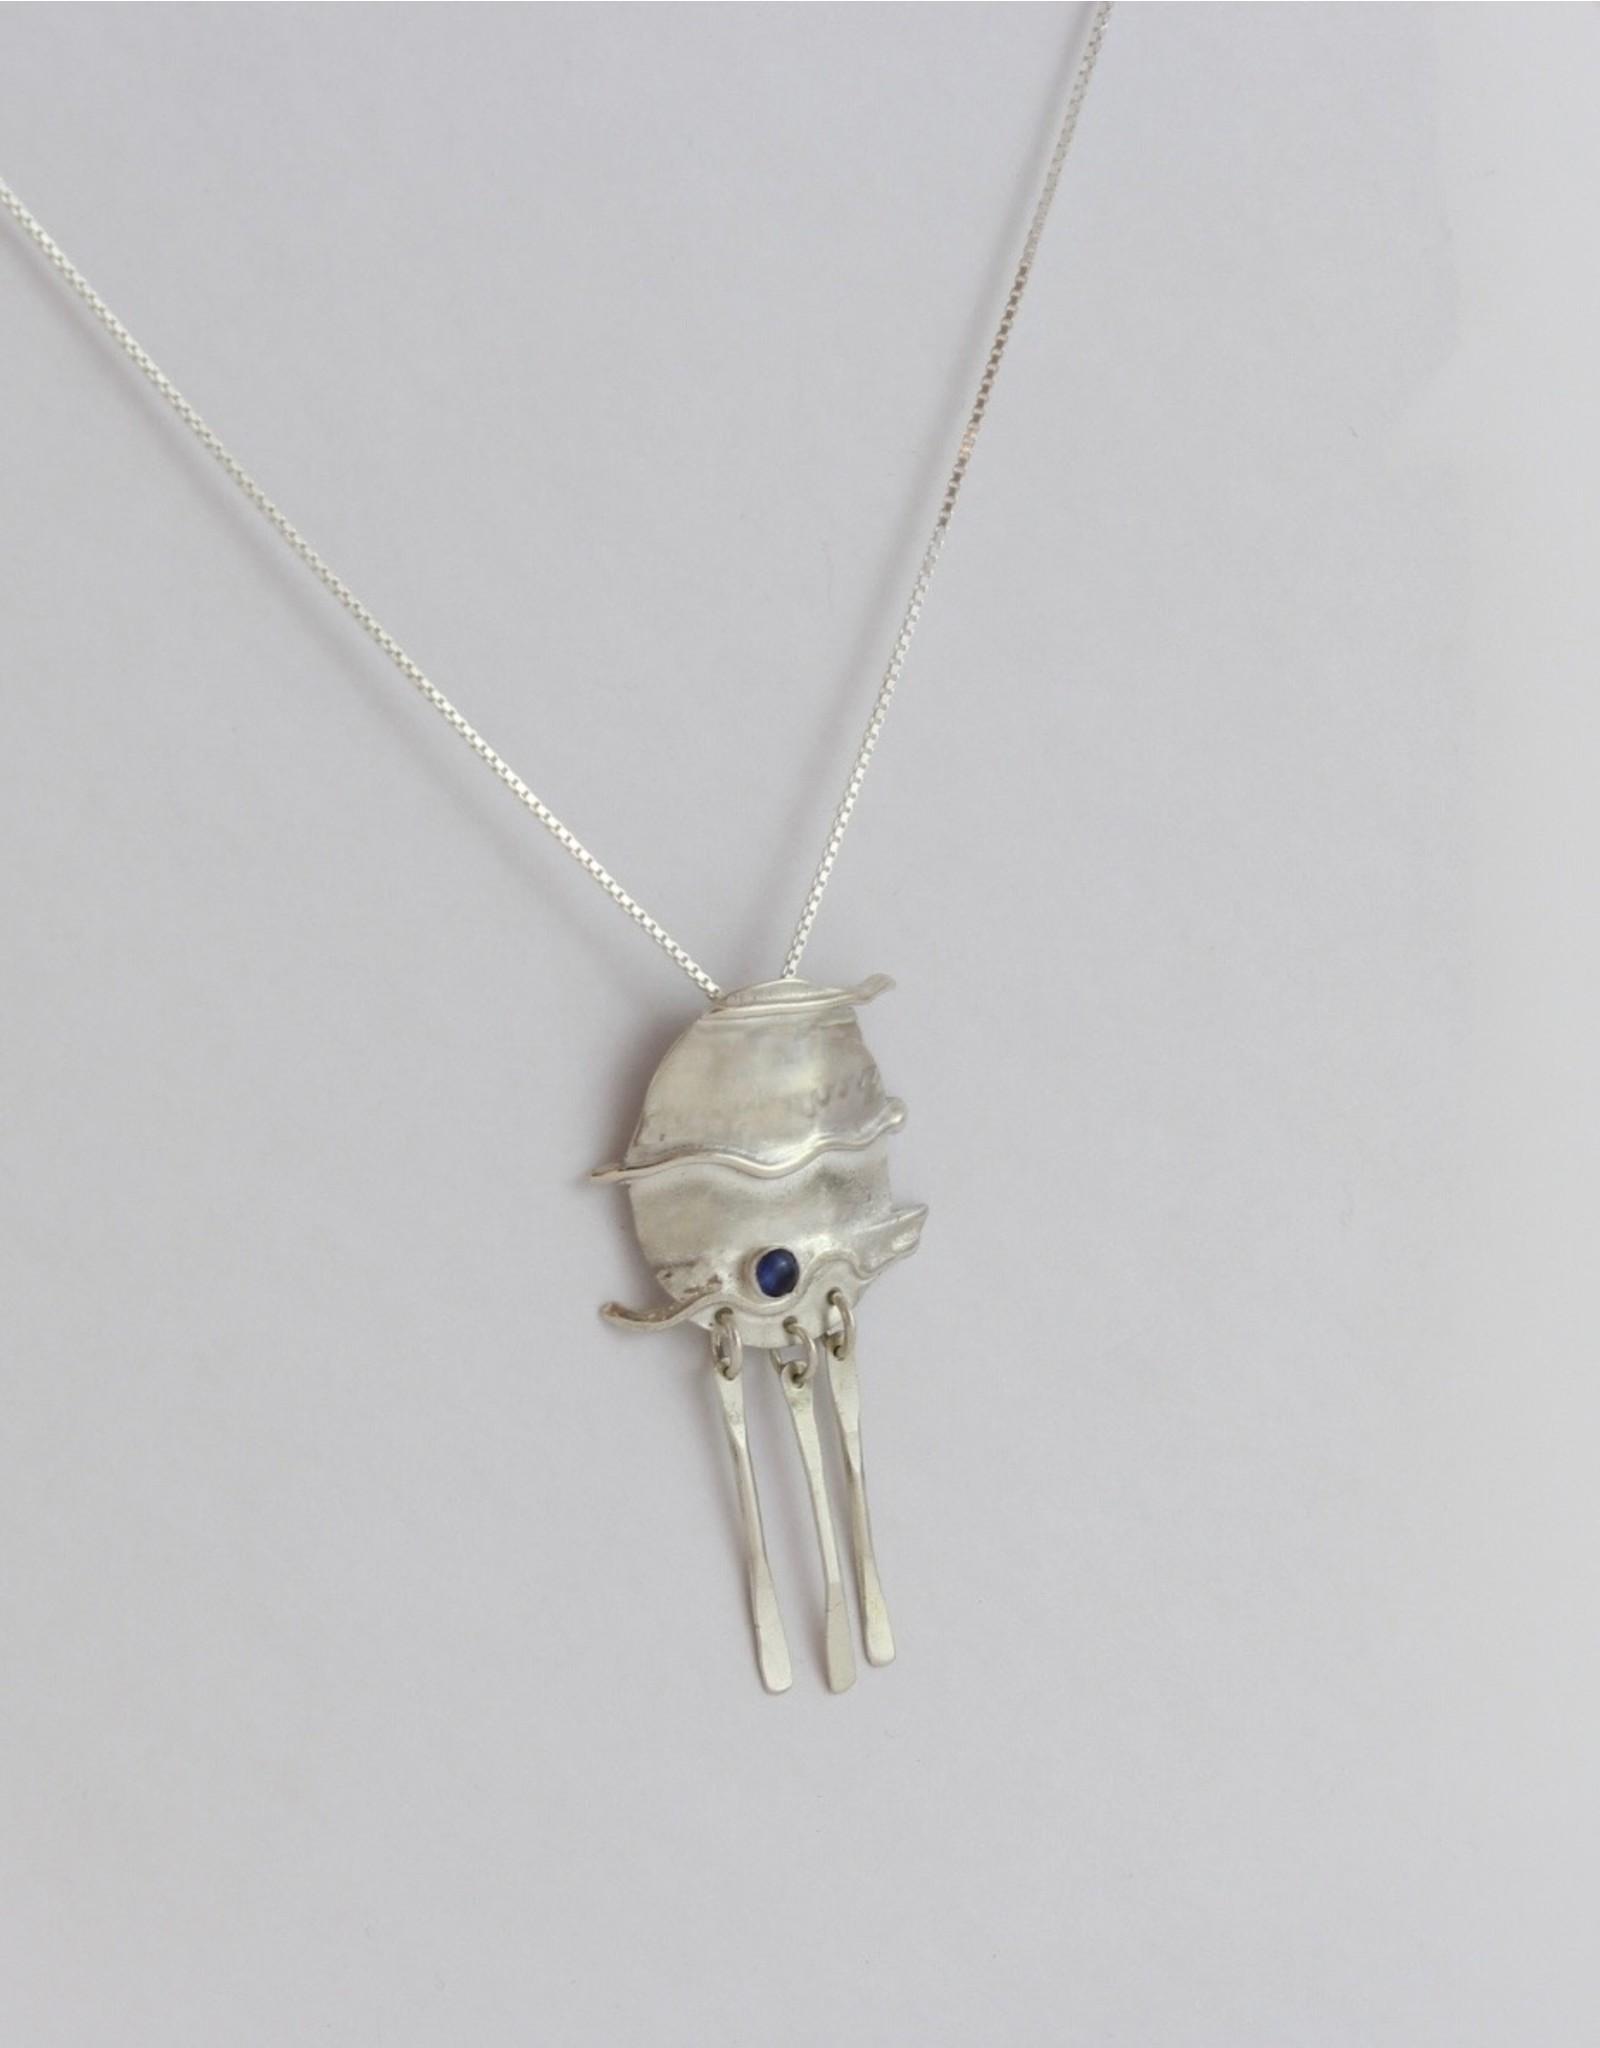 Karen Wawer Sapphire Necklace by Karen Wawer